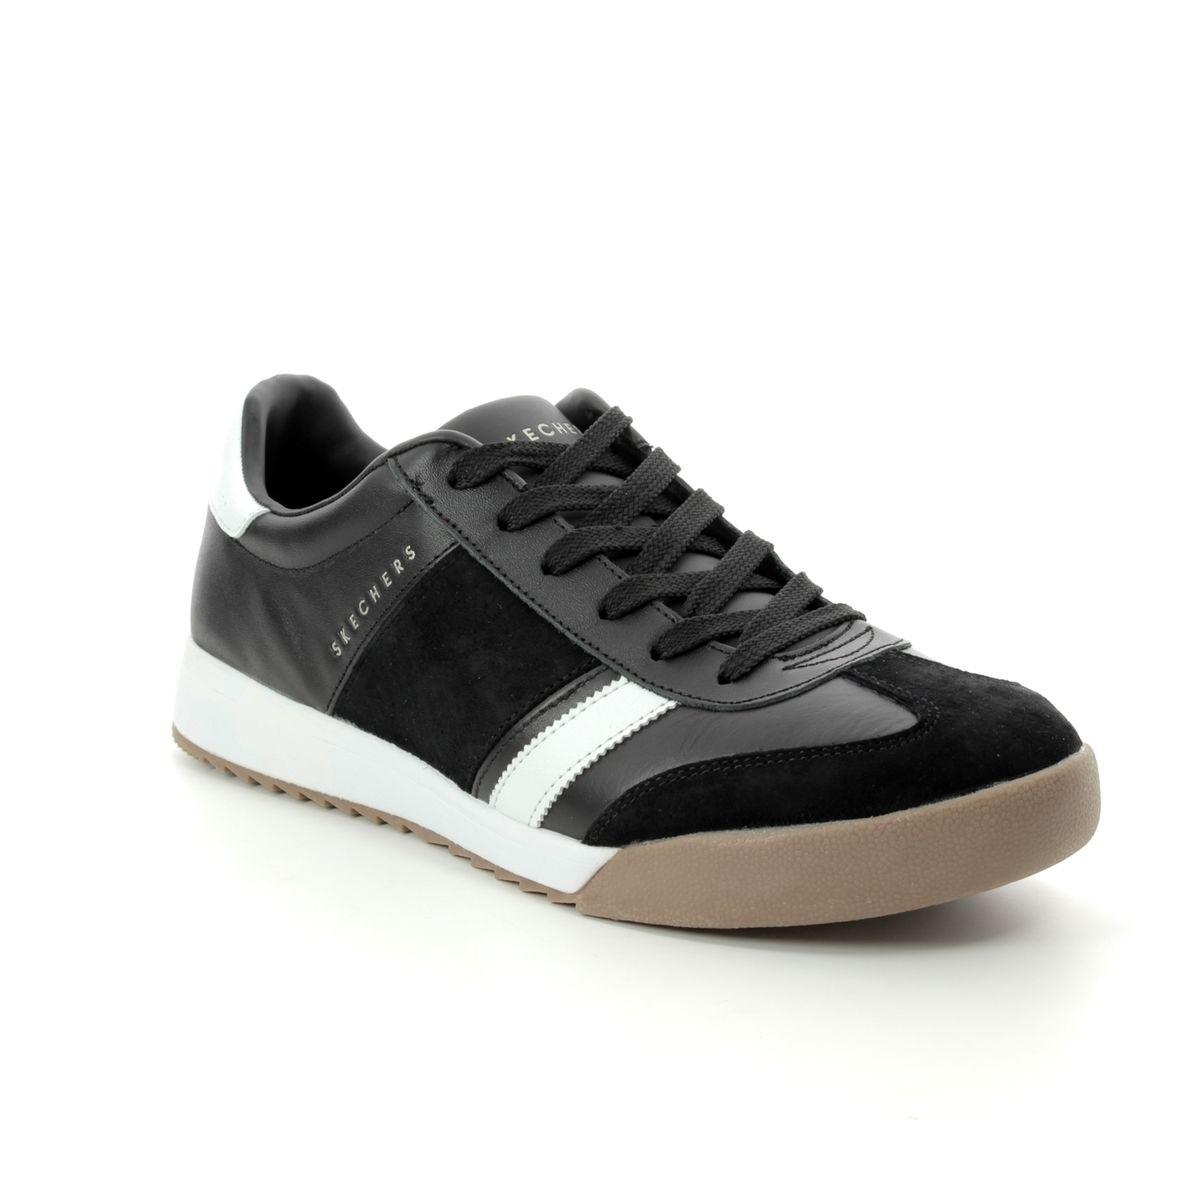 5d966bcaf5b9 52322 Zinger Scobie at Begg Shoes & Bags